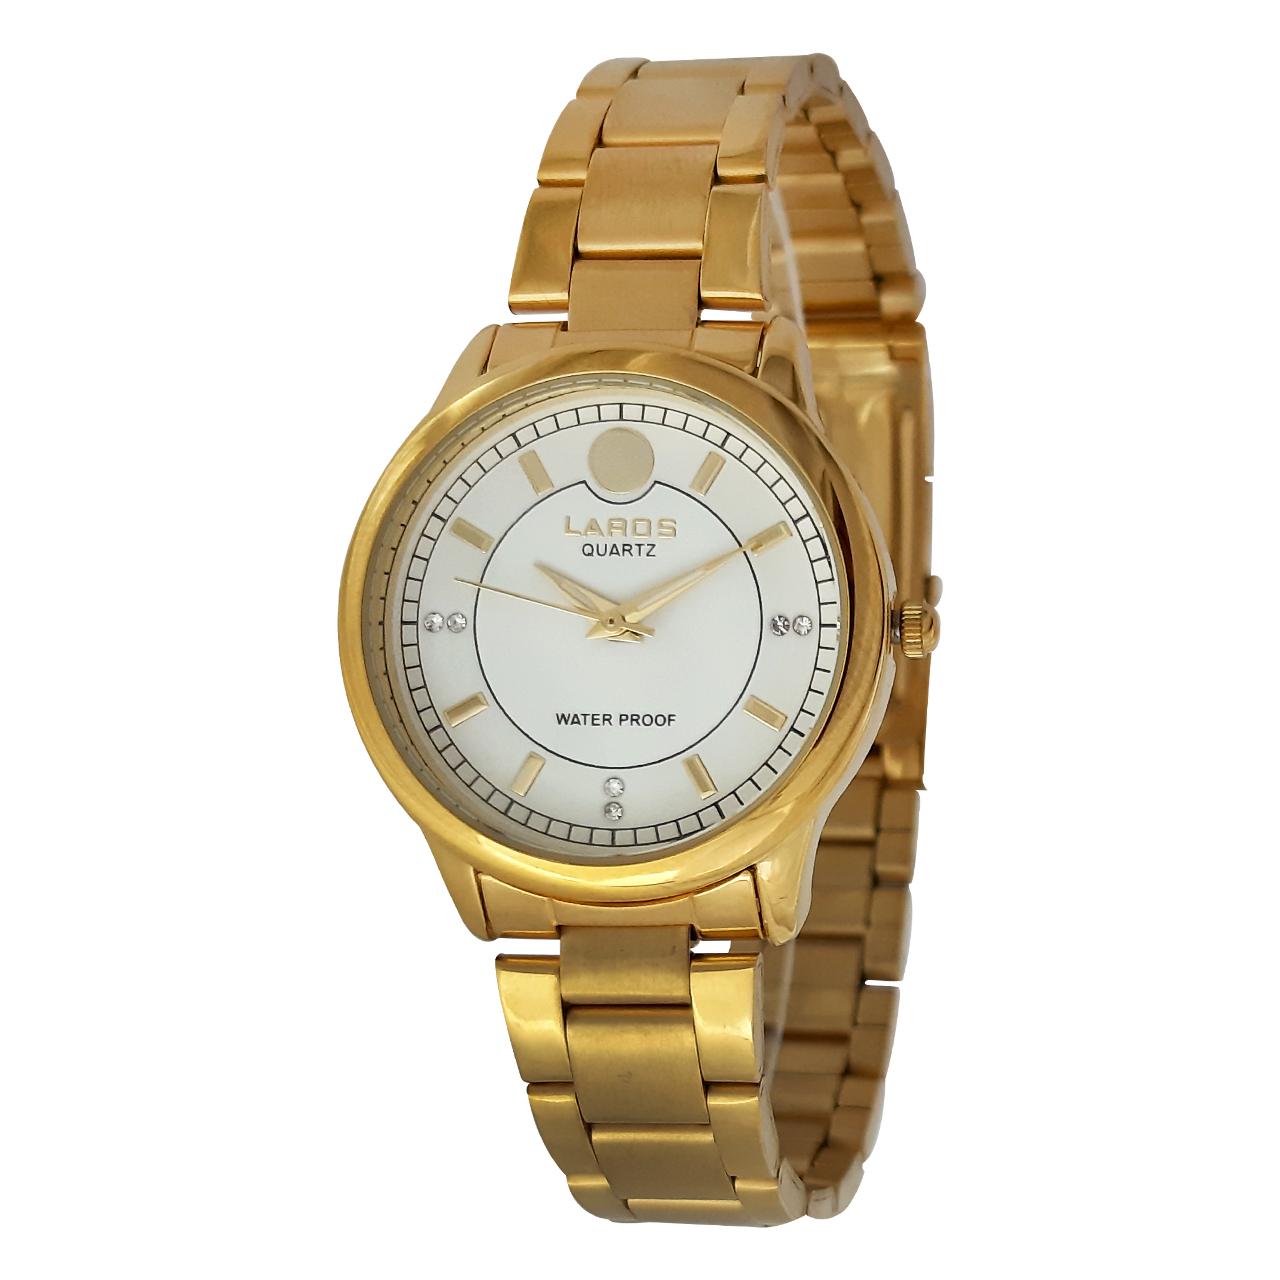 ساعت مچی عقربه ای زنانه لاروس مدل 0916-79914 به همراه دستمال مخصوص برند کلین واچ 54